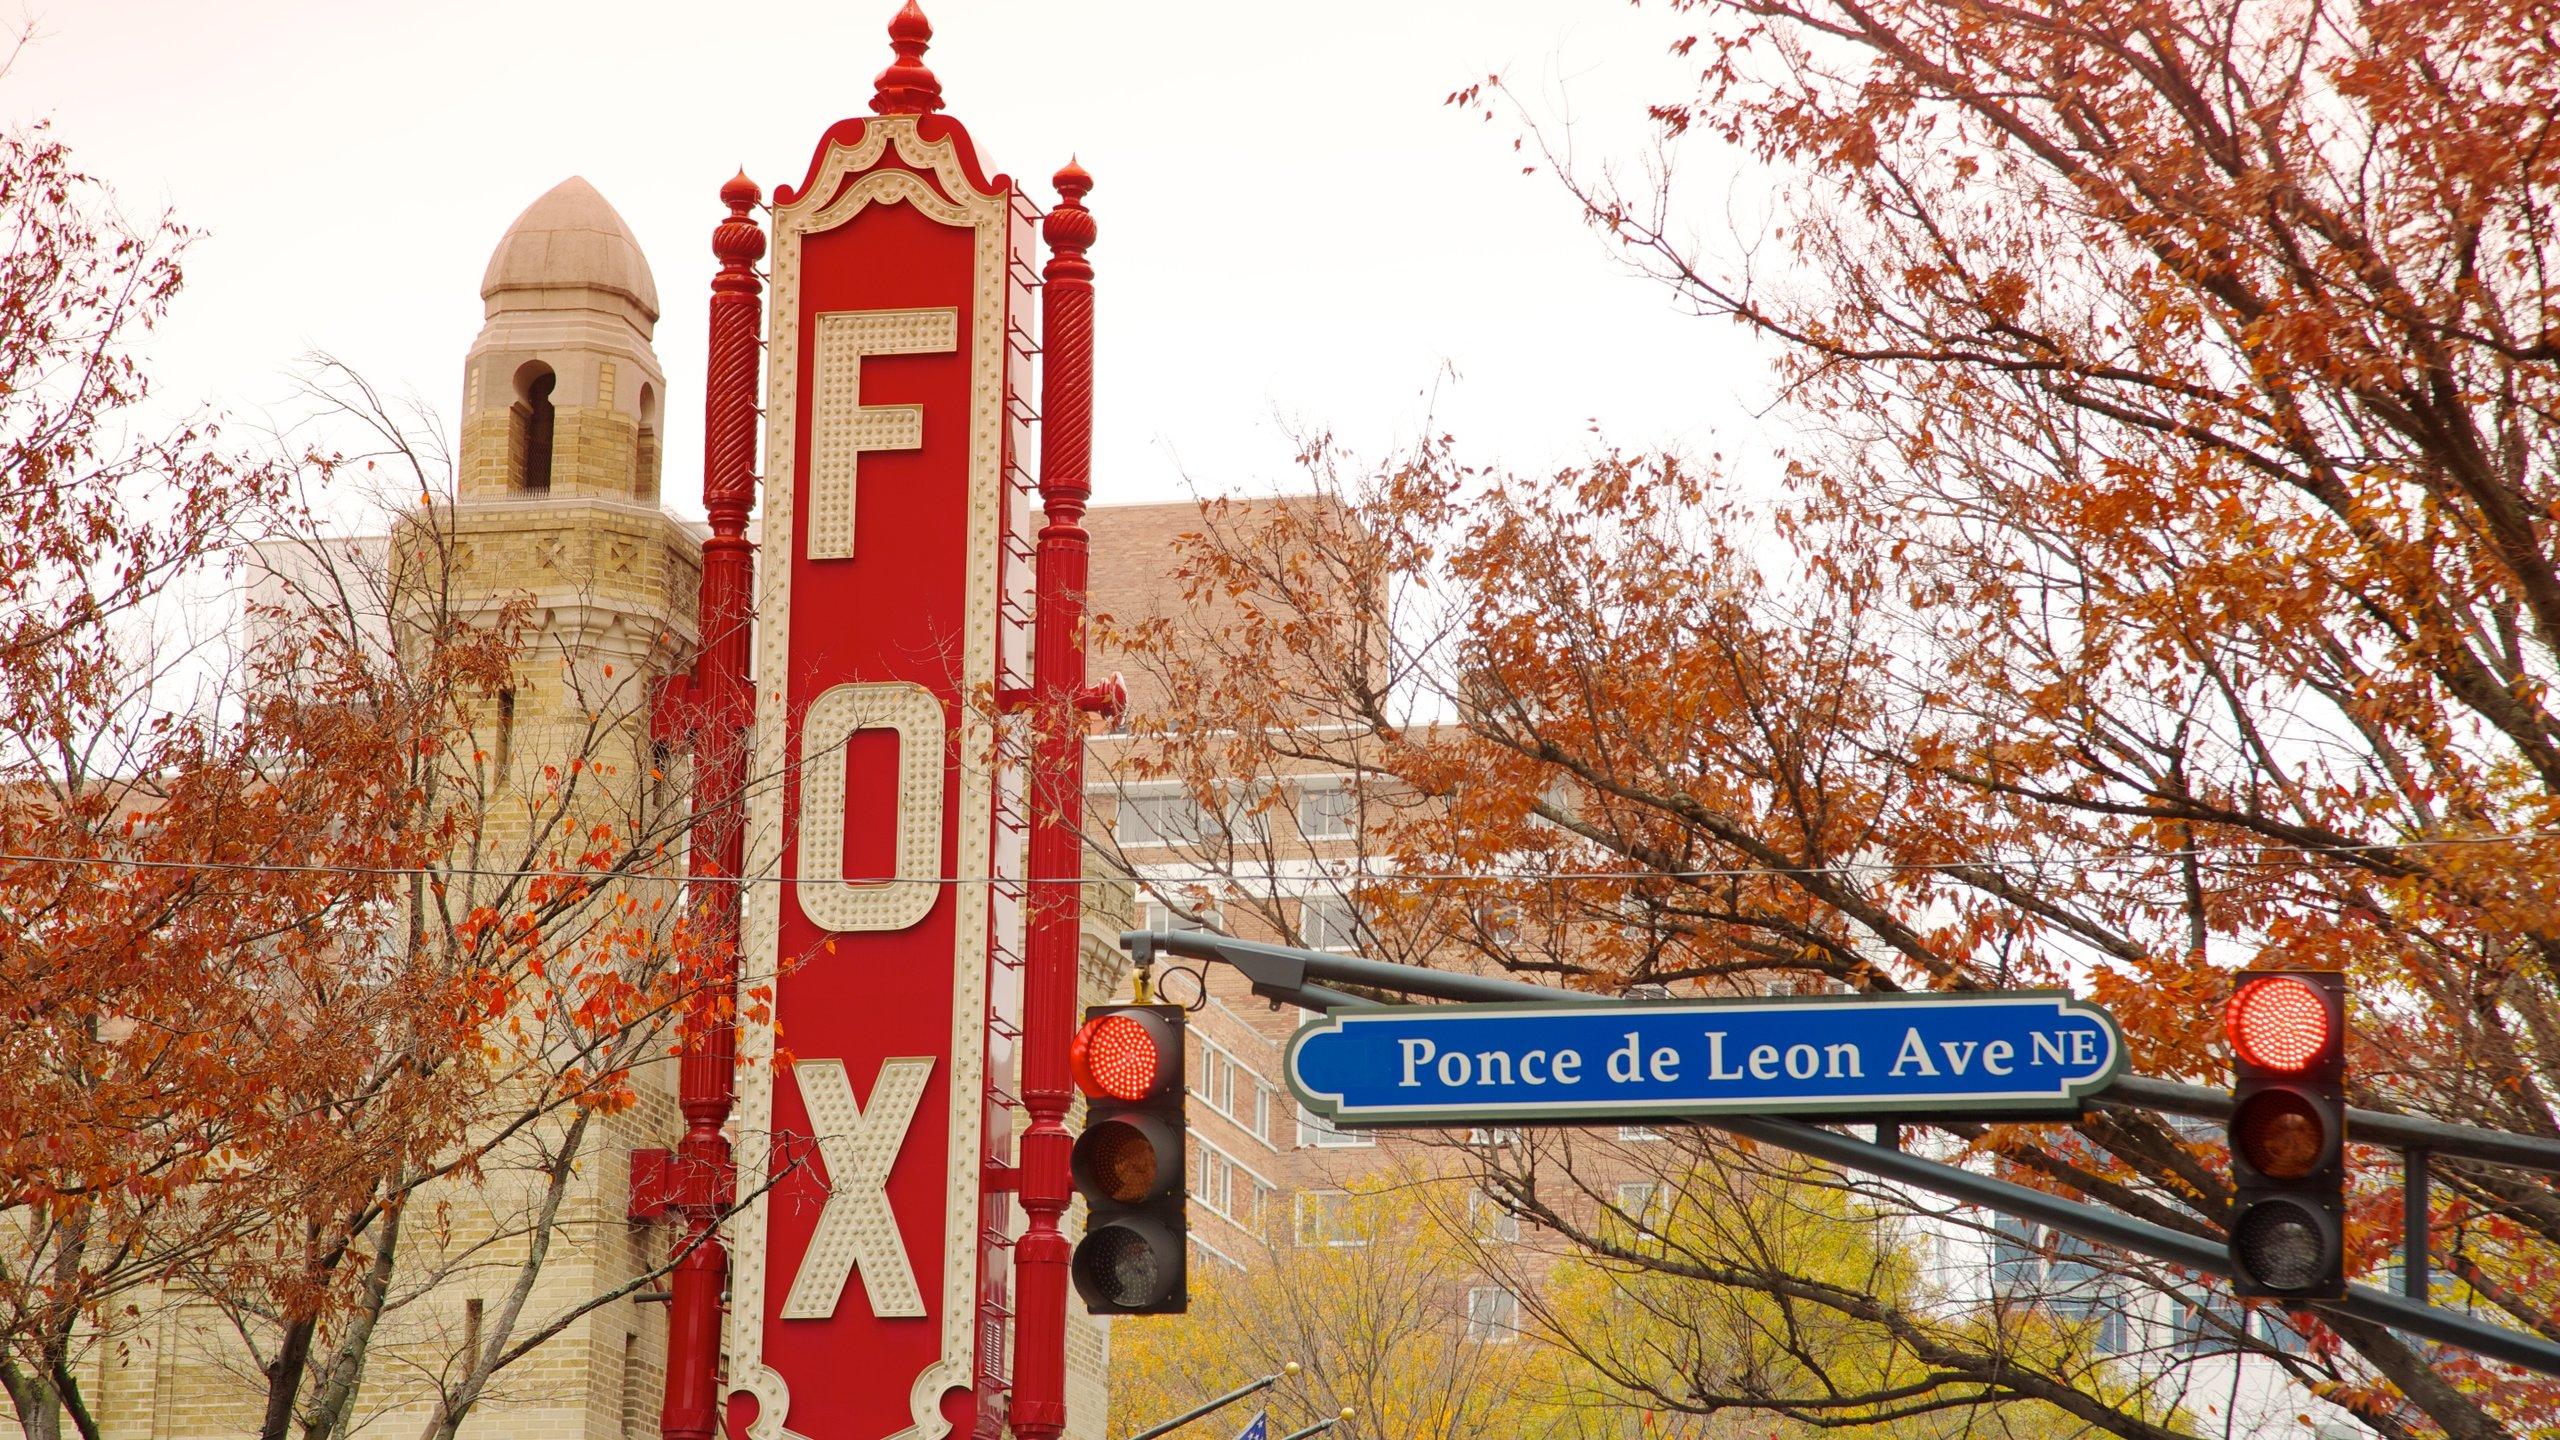 在福克斯剧场欣赏一场秀,这是亚特兰大一座有着悠久历史的剧院。 在当地时,可以观看一场体育赛事或去热闹的酒吧感受一番。